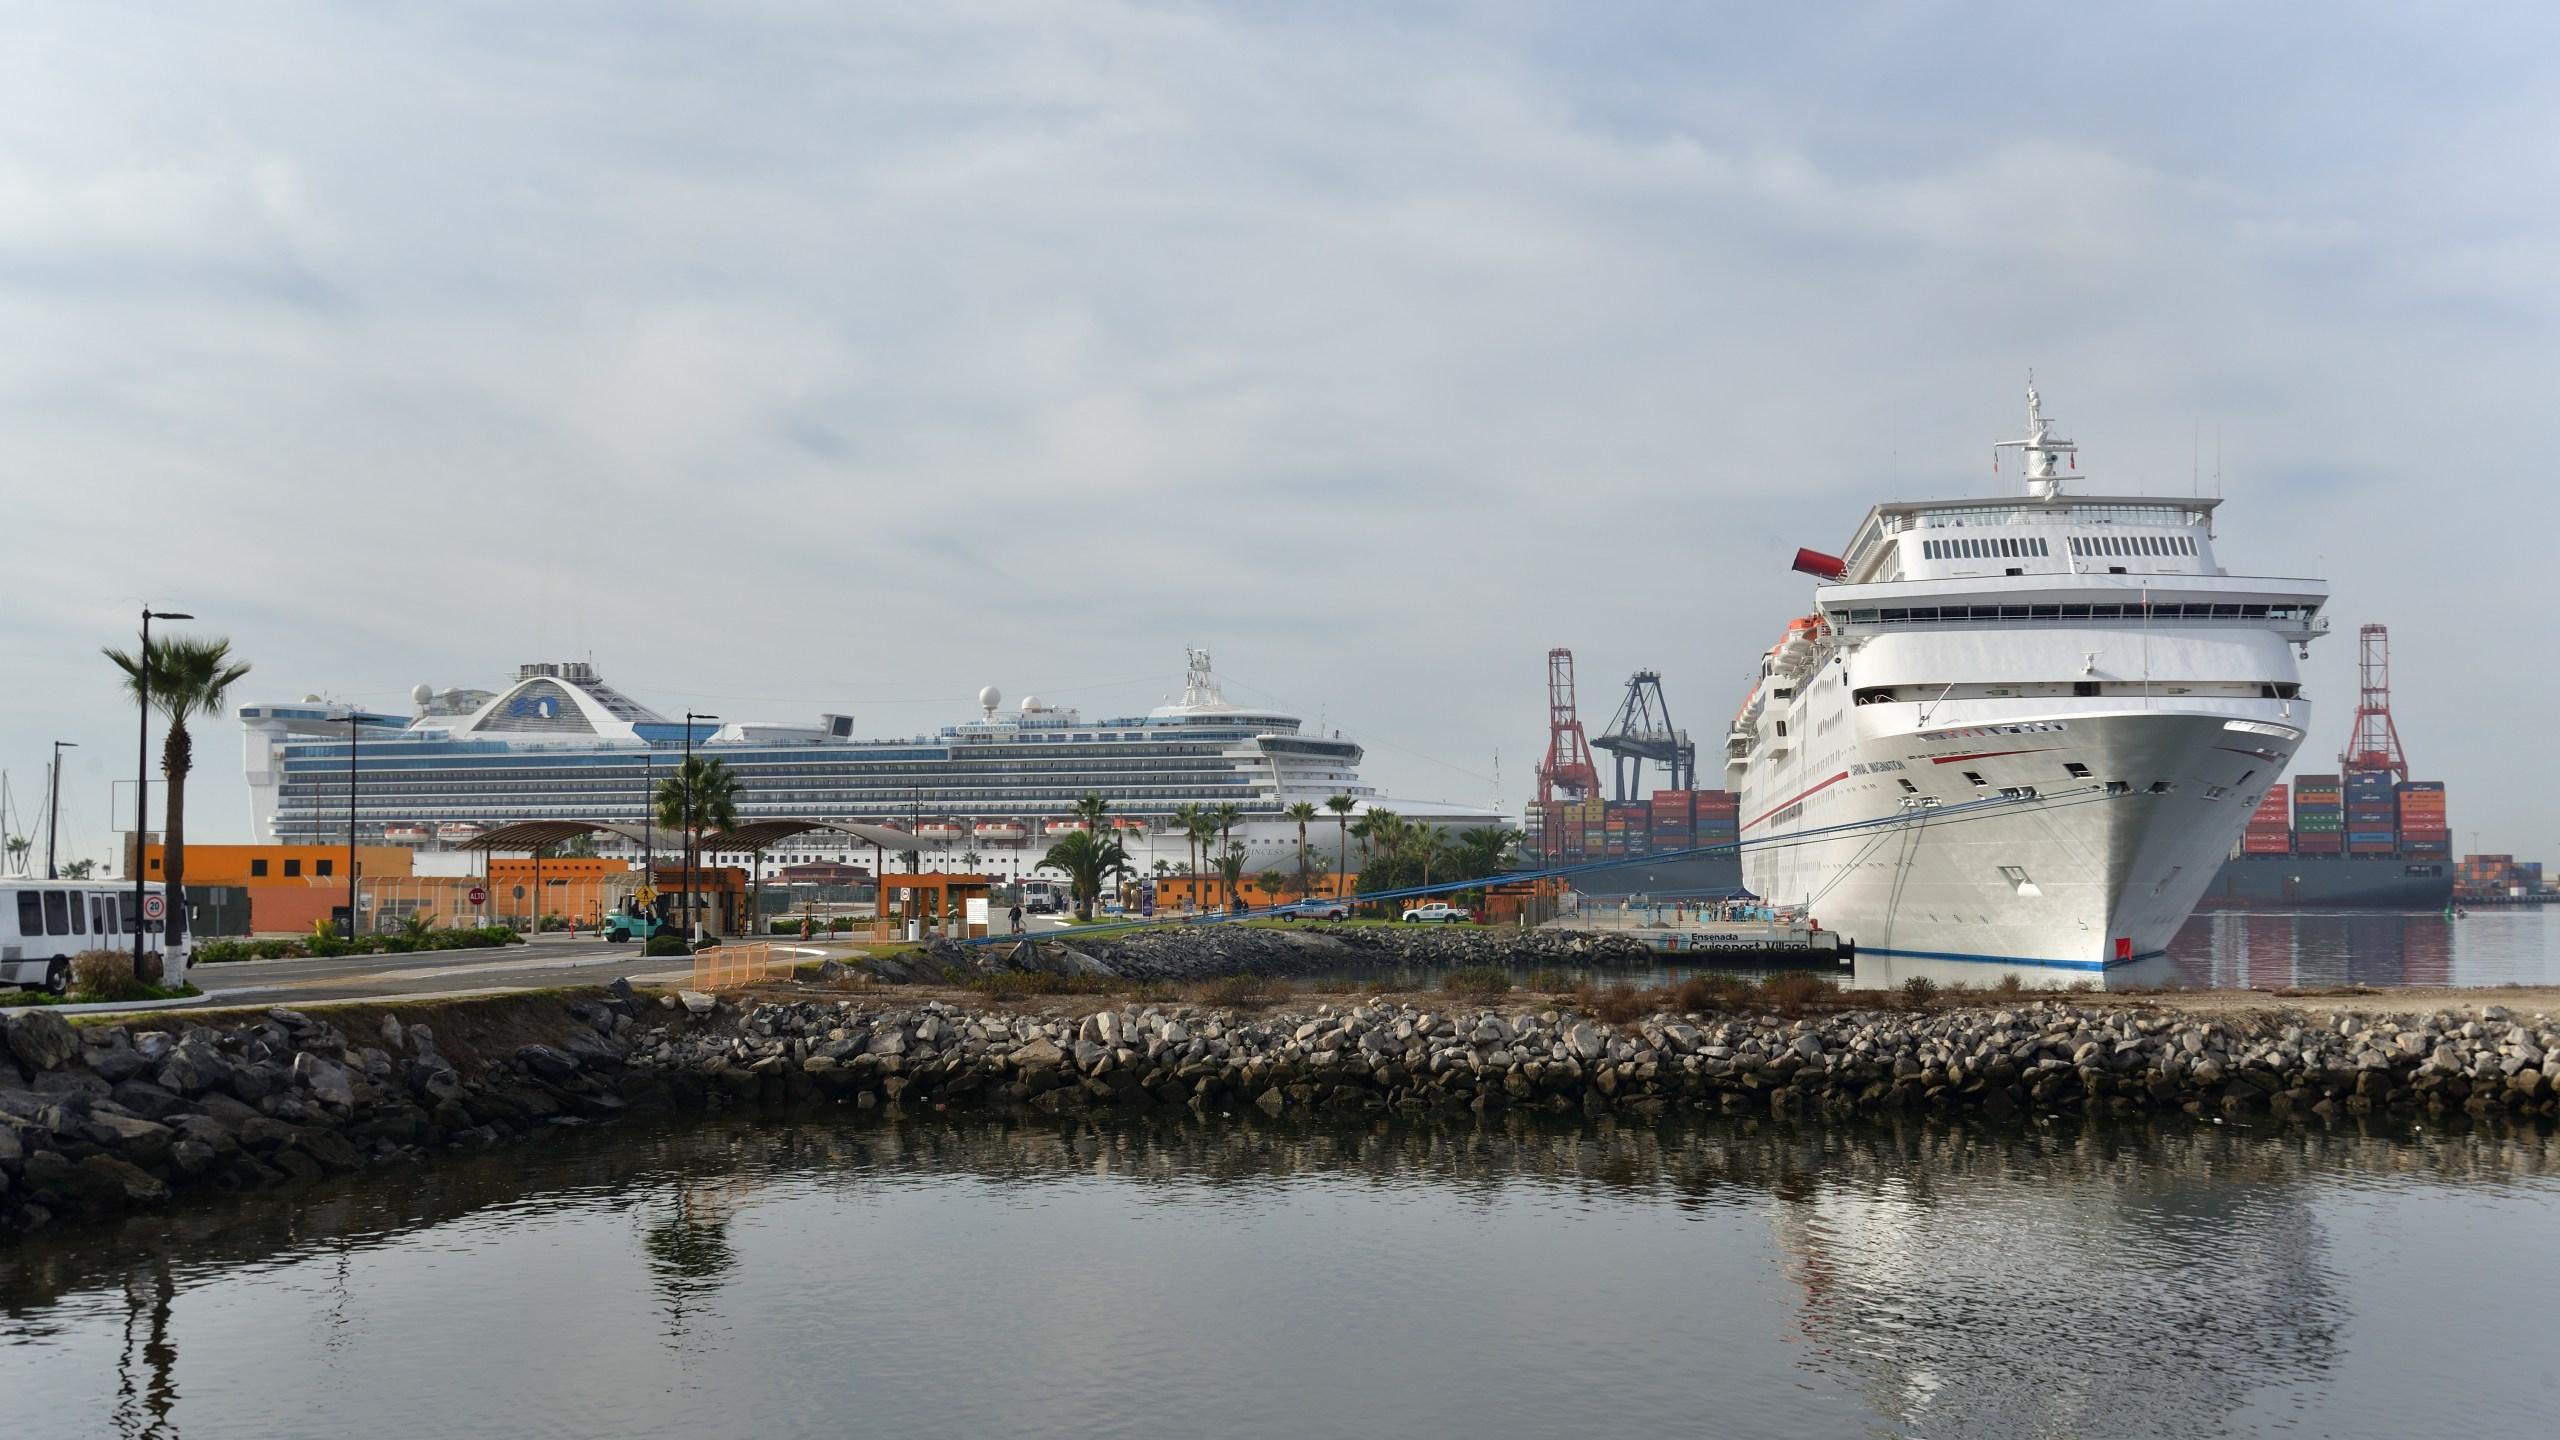 Ensenada Mexico cruise port with two cruise ships docked bringing tourism the Baja Peninsula